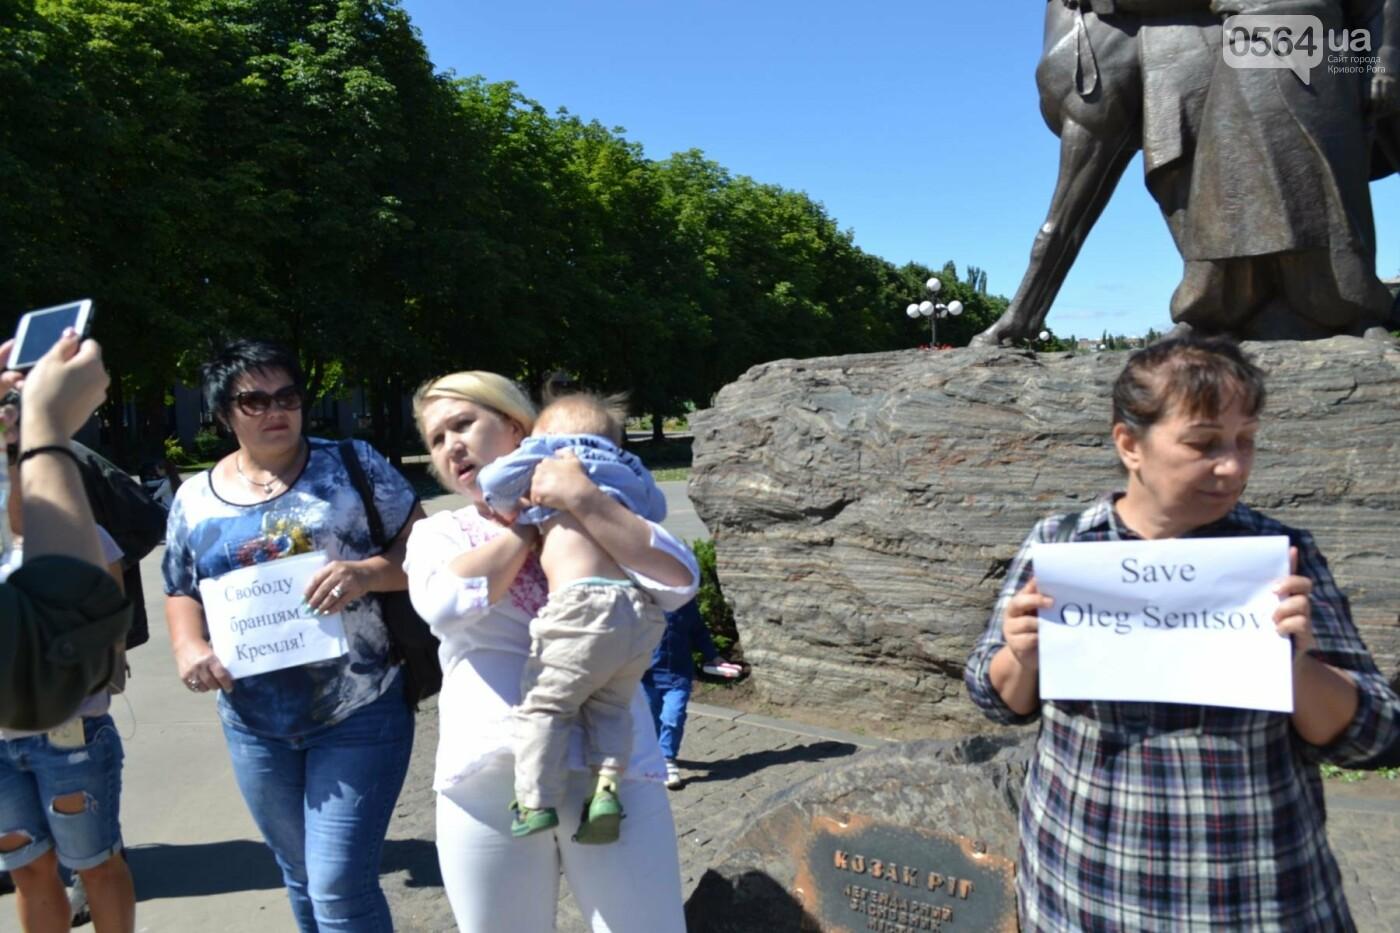 Криворожане вышли на всемирную акцию FreeSentsov, - ФОТО, ВИДЕО, фото-16